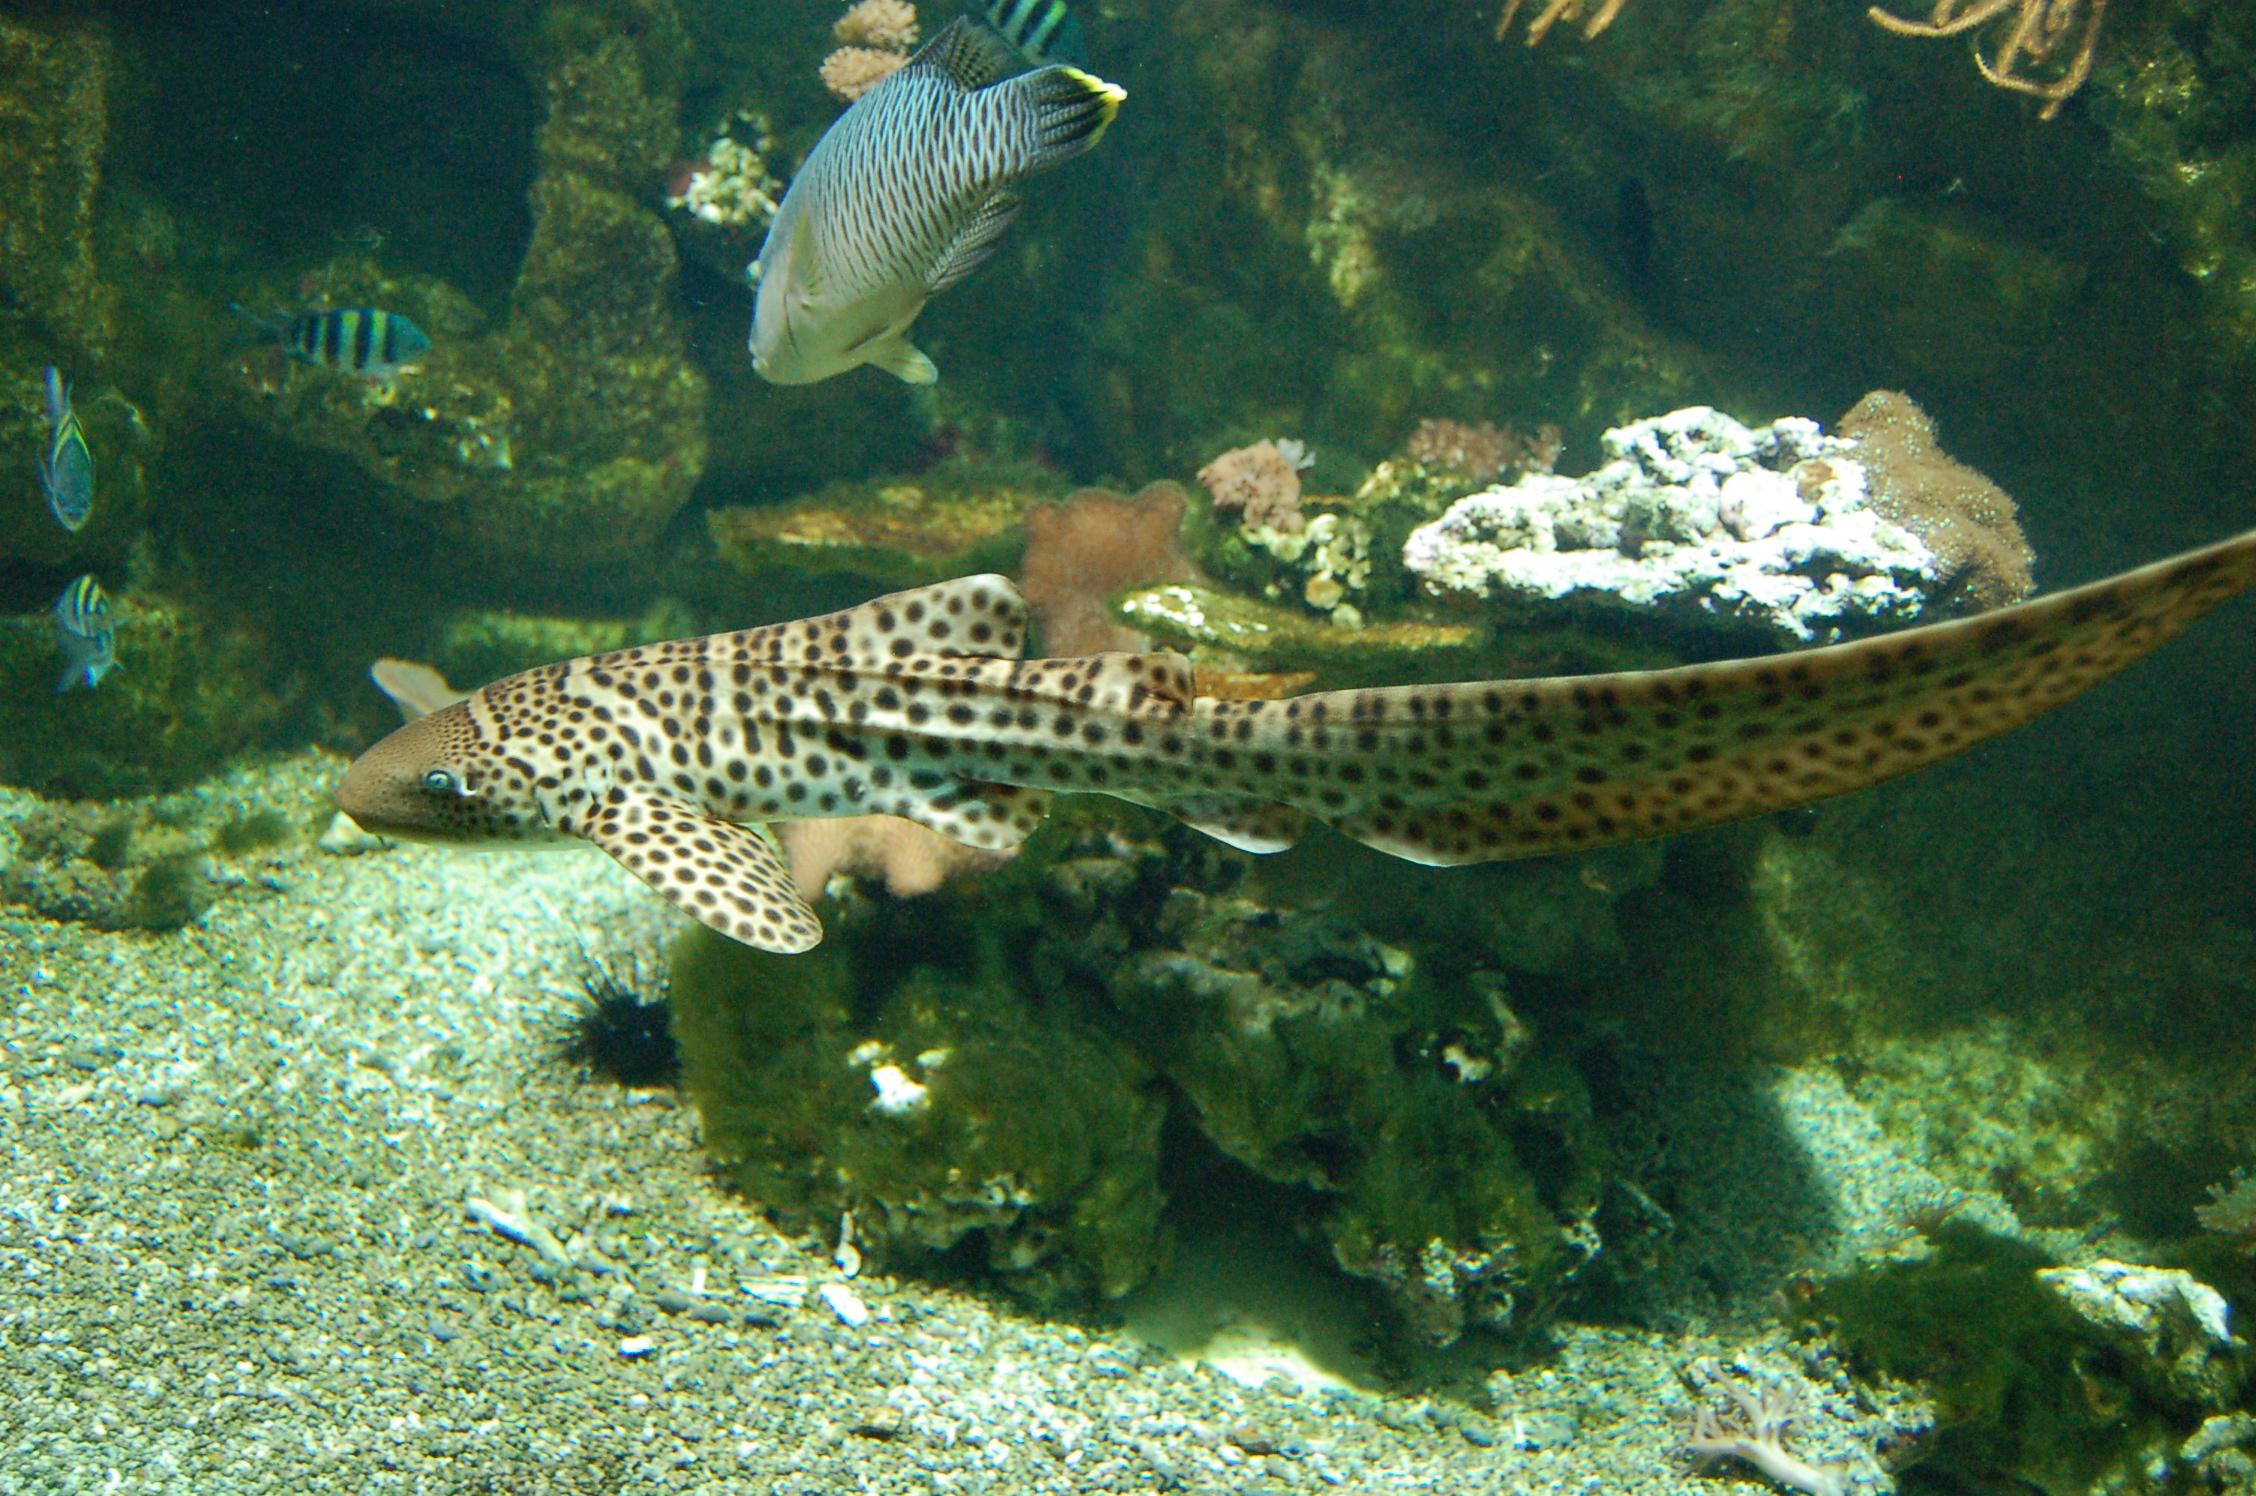 Samedi 8 juin : Entrées gratuites à l'aquarium Tropical de Paris (Porte Dorée)